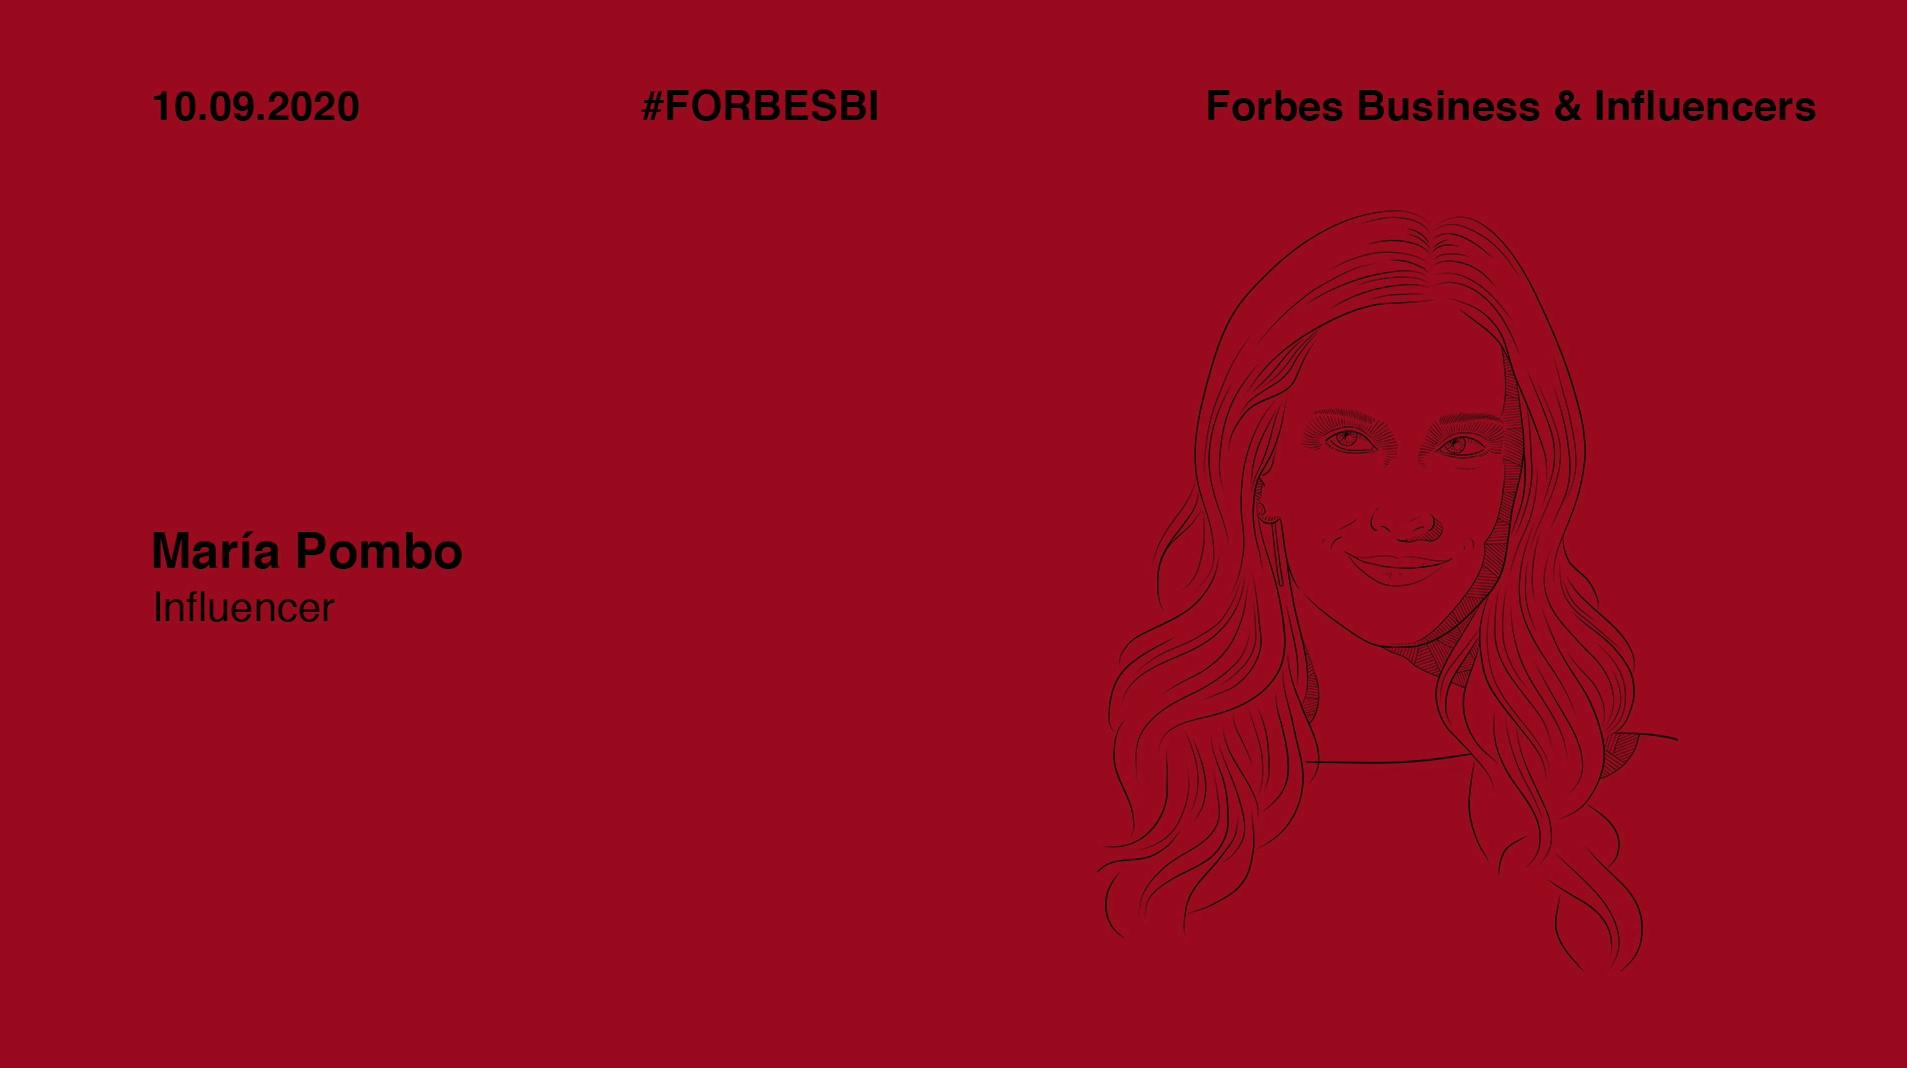 María Pombo forbes summit